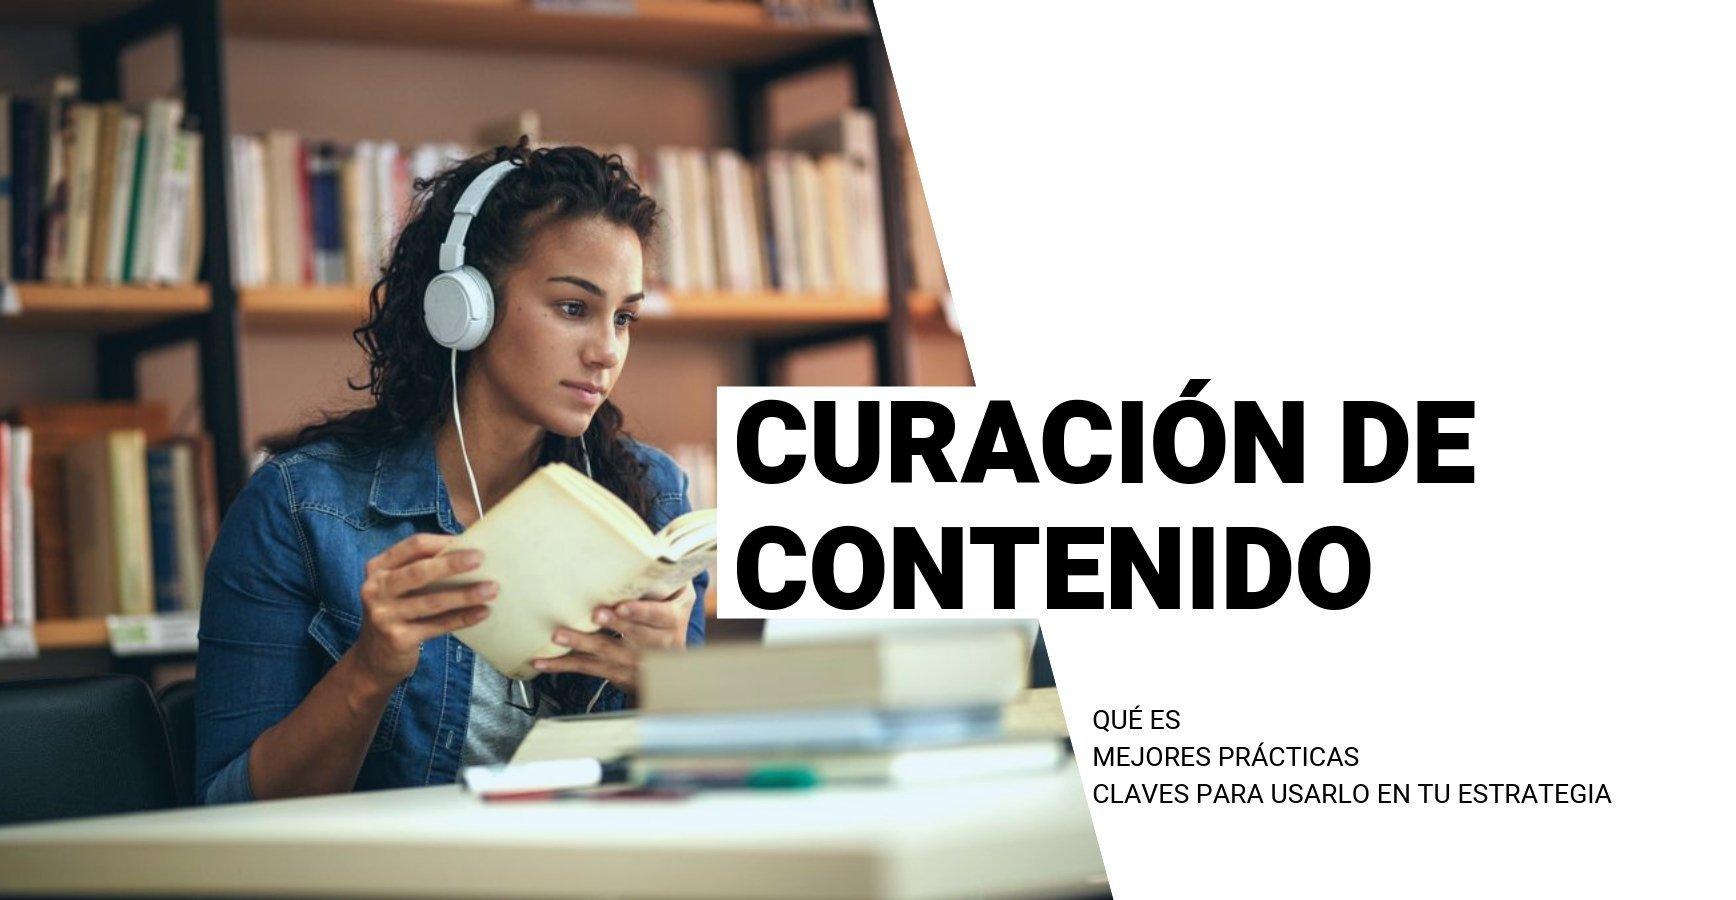 Definición de Curación de contenidos, mejores prácticas y herramientas recomendadas